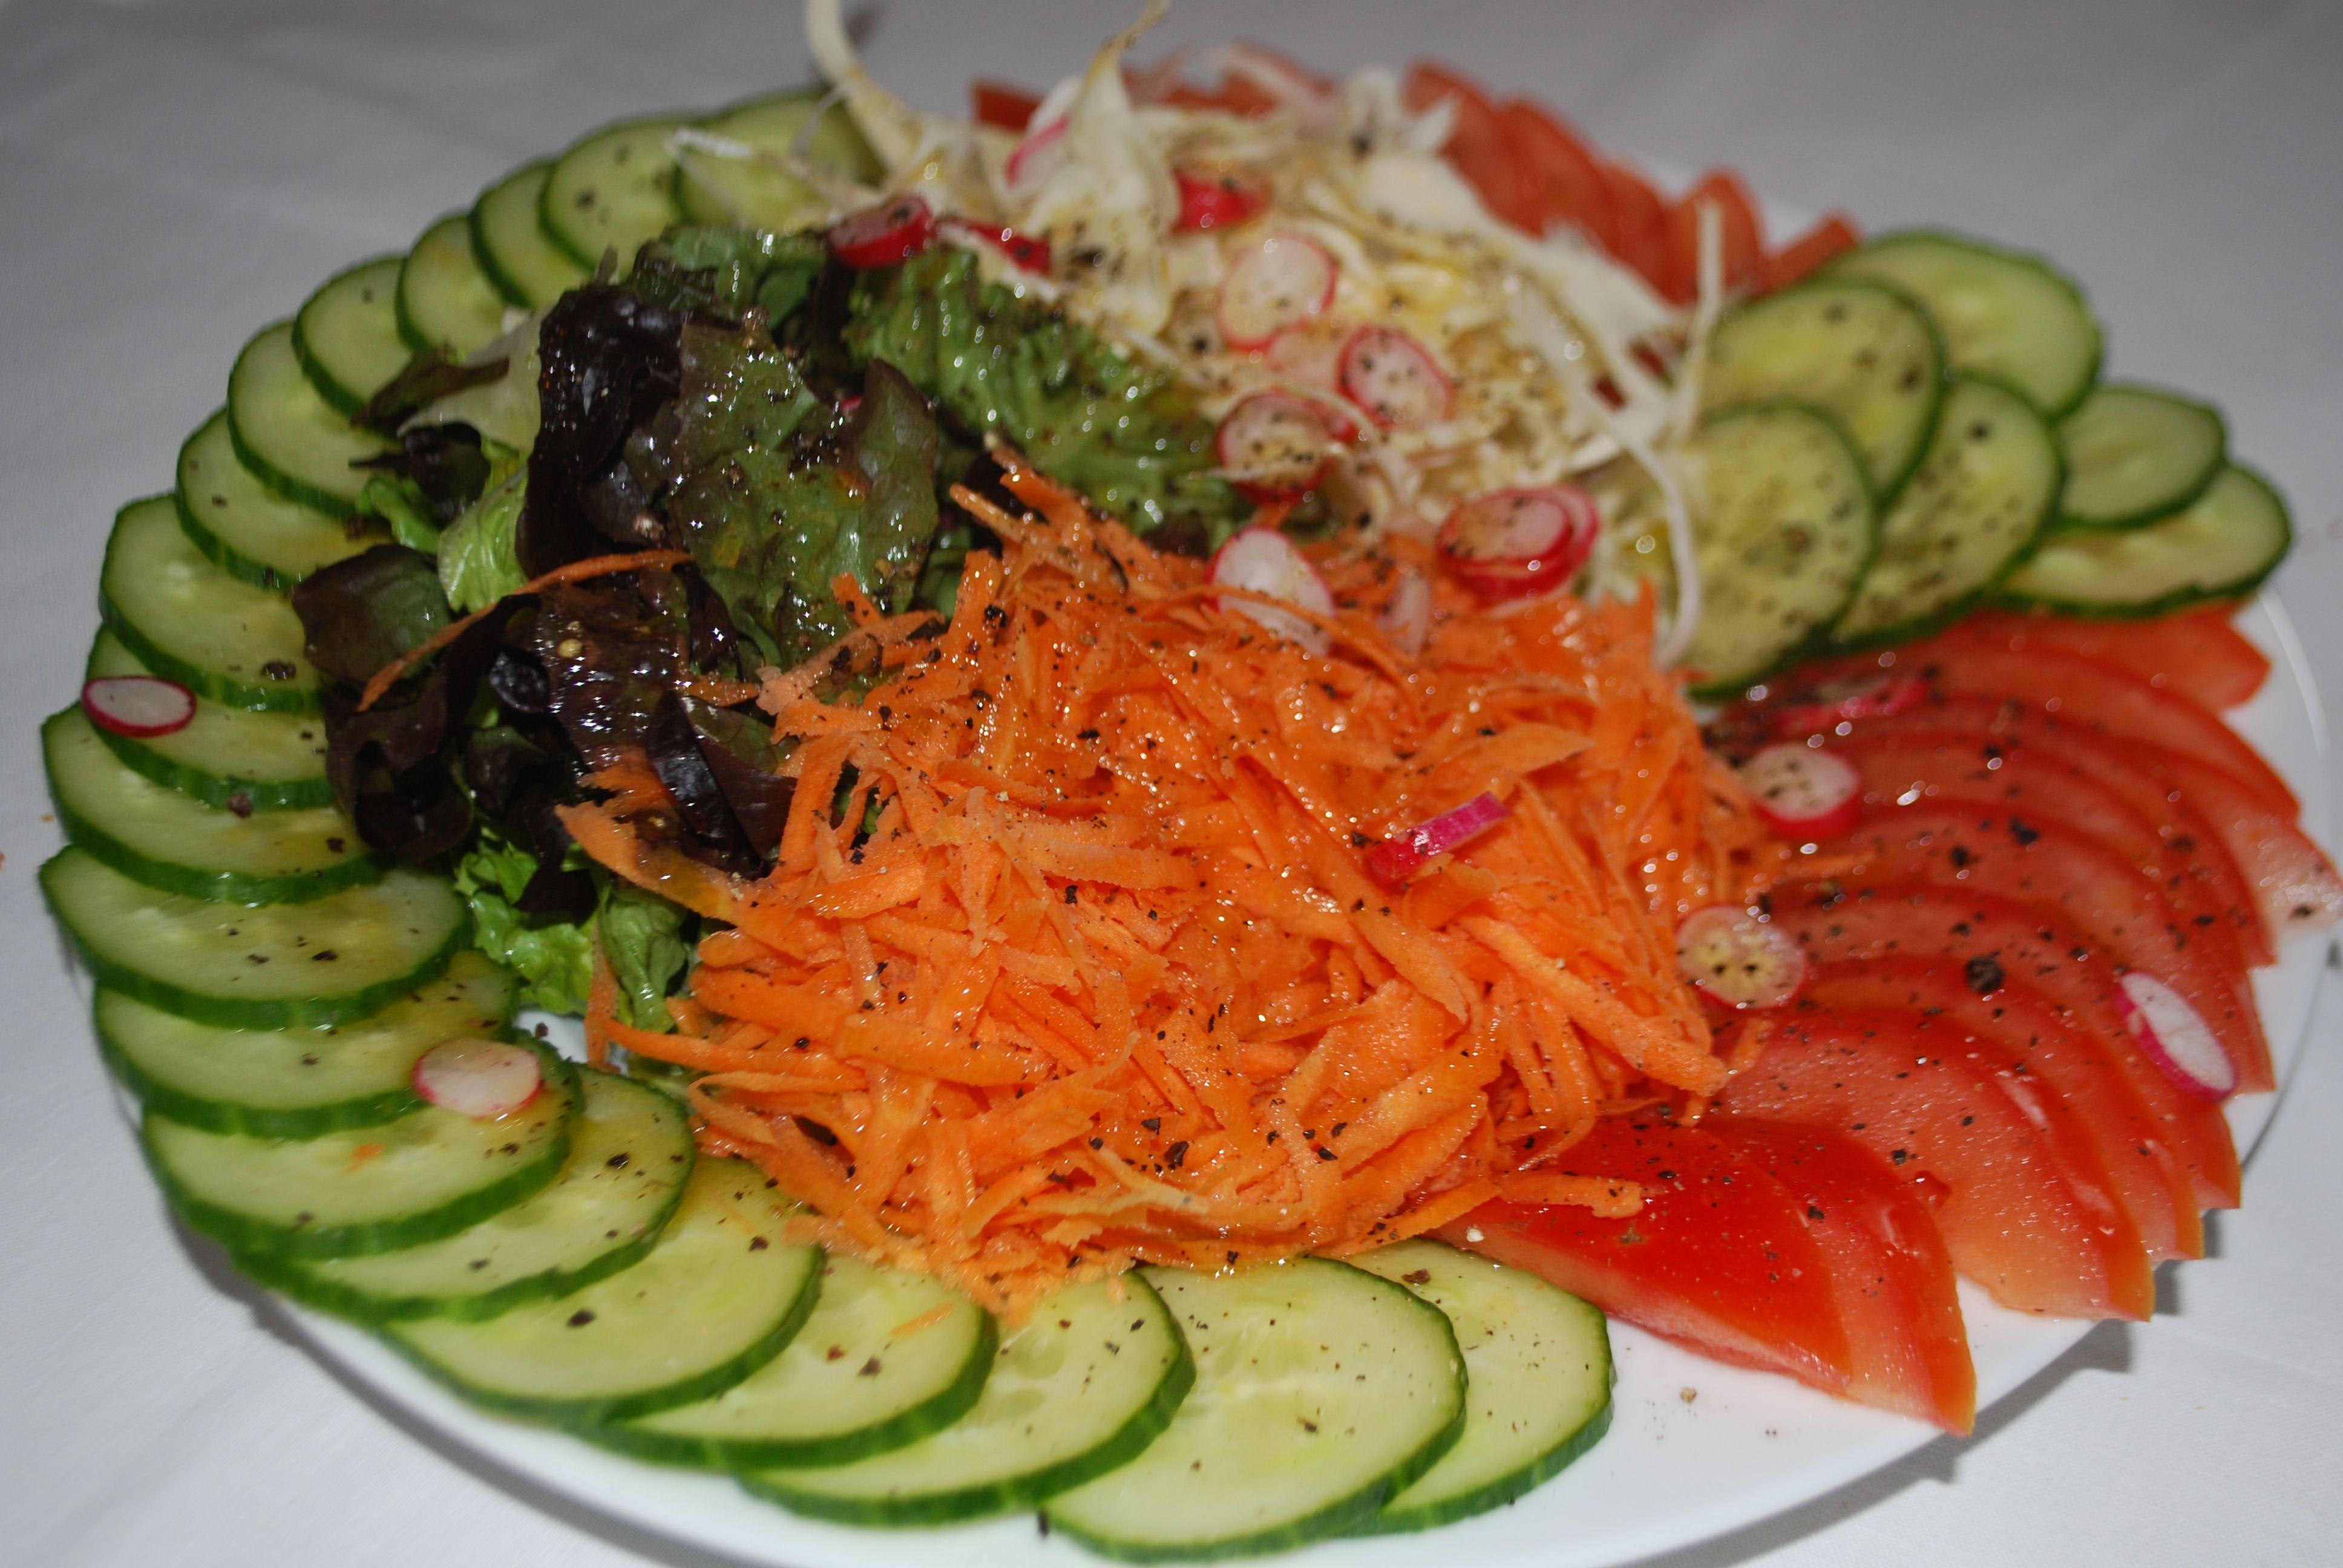 Assiette de crudit s compos e de carottes tomates chou blanc salade verte pinterest - Salade verte composee ...